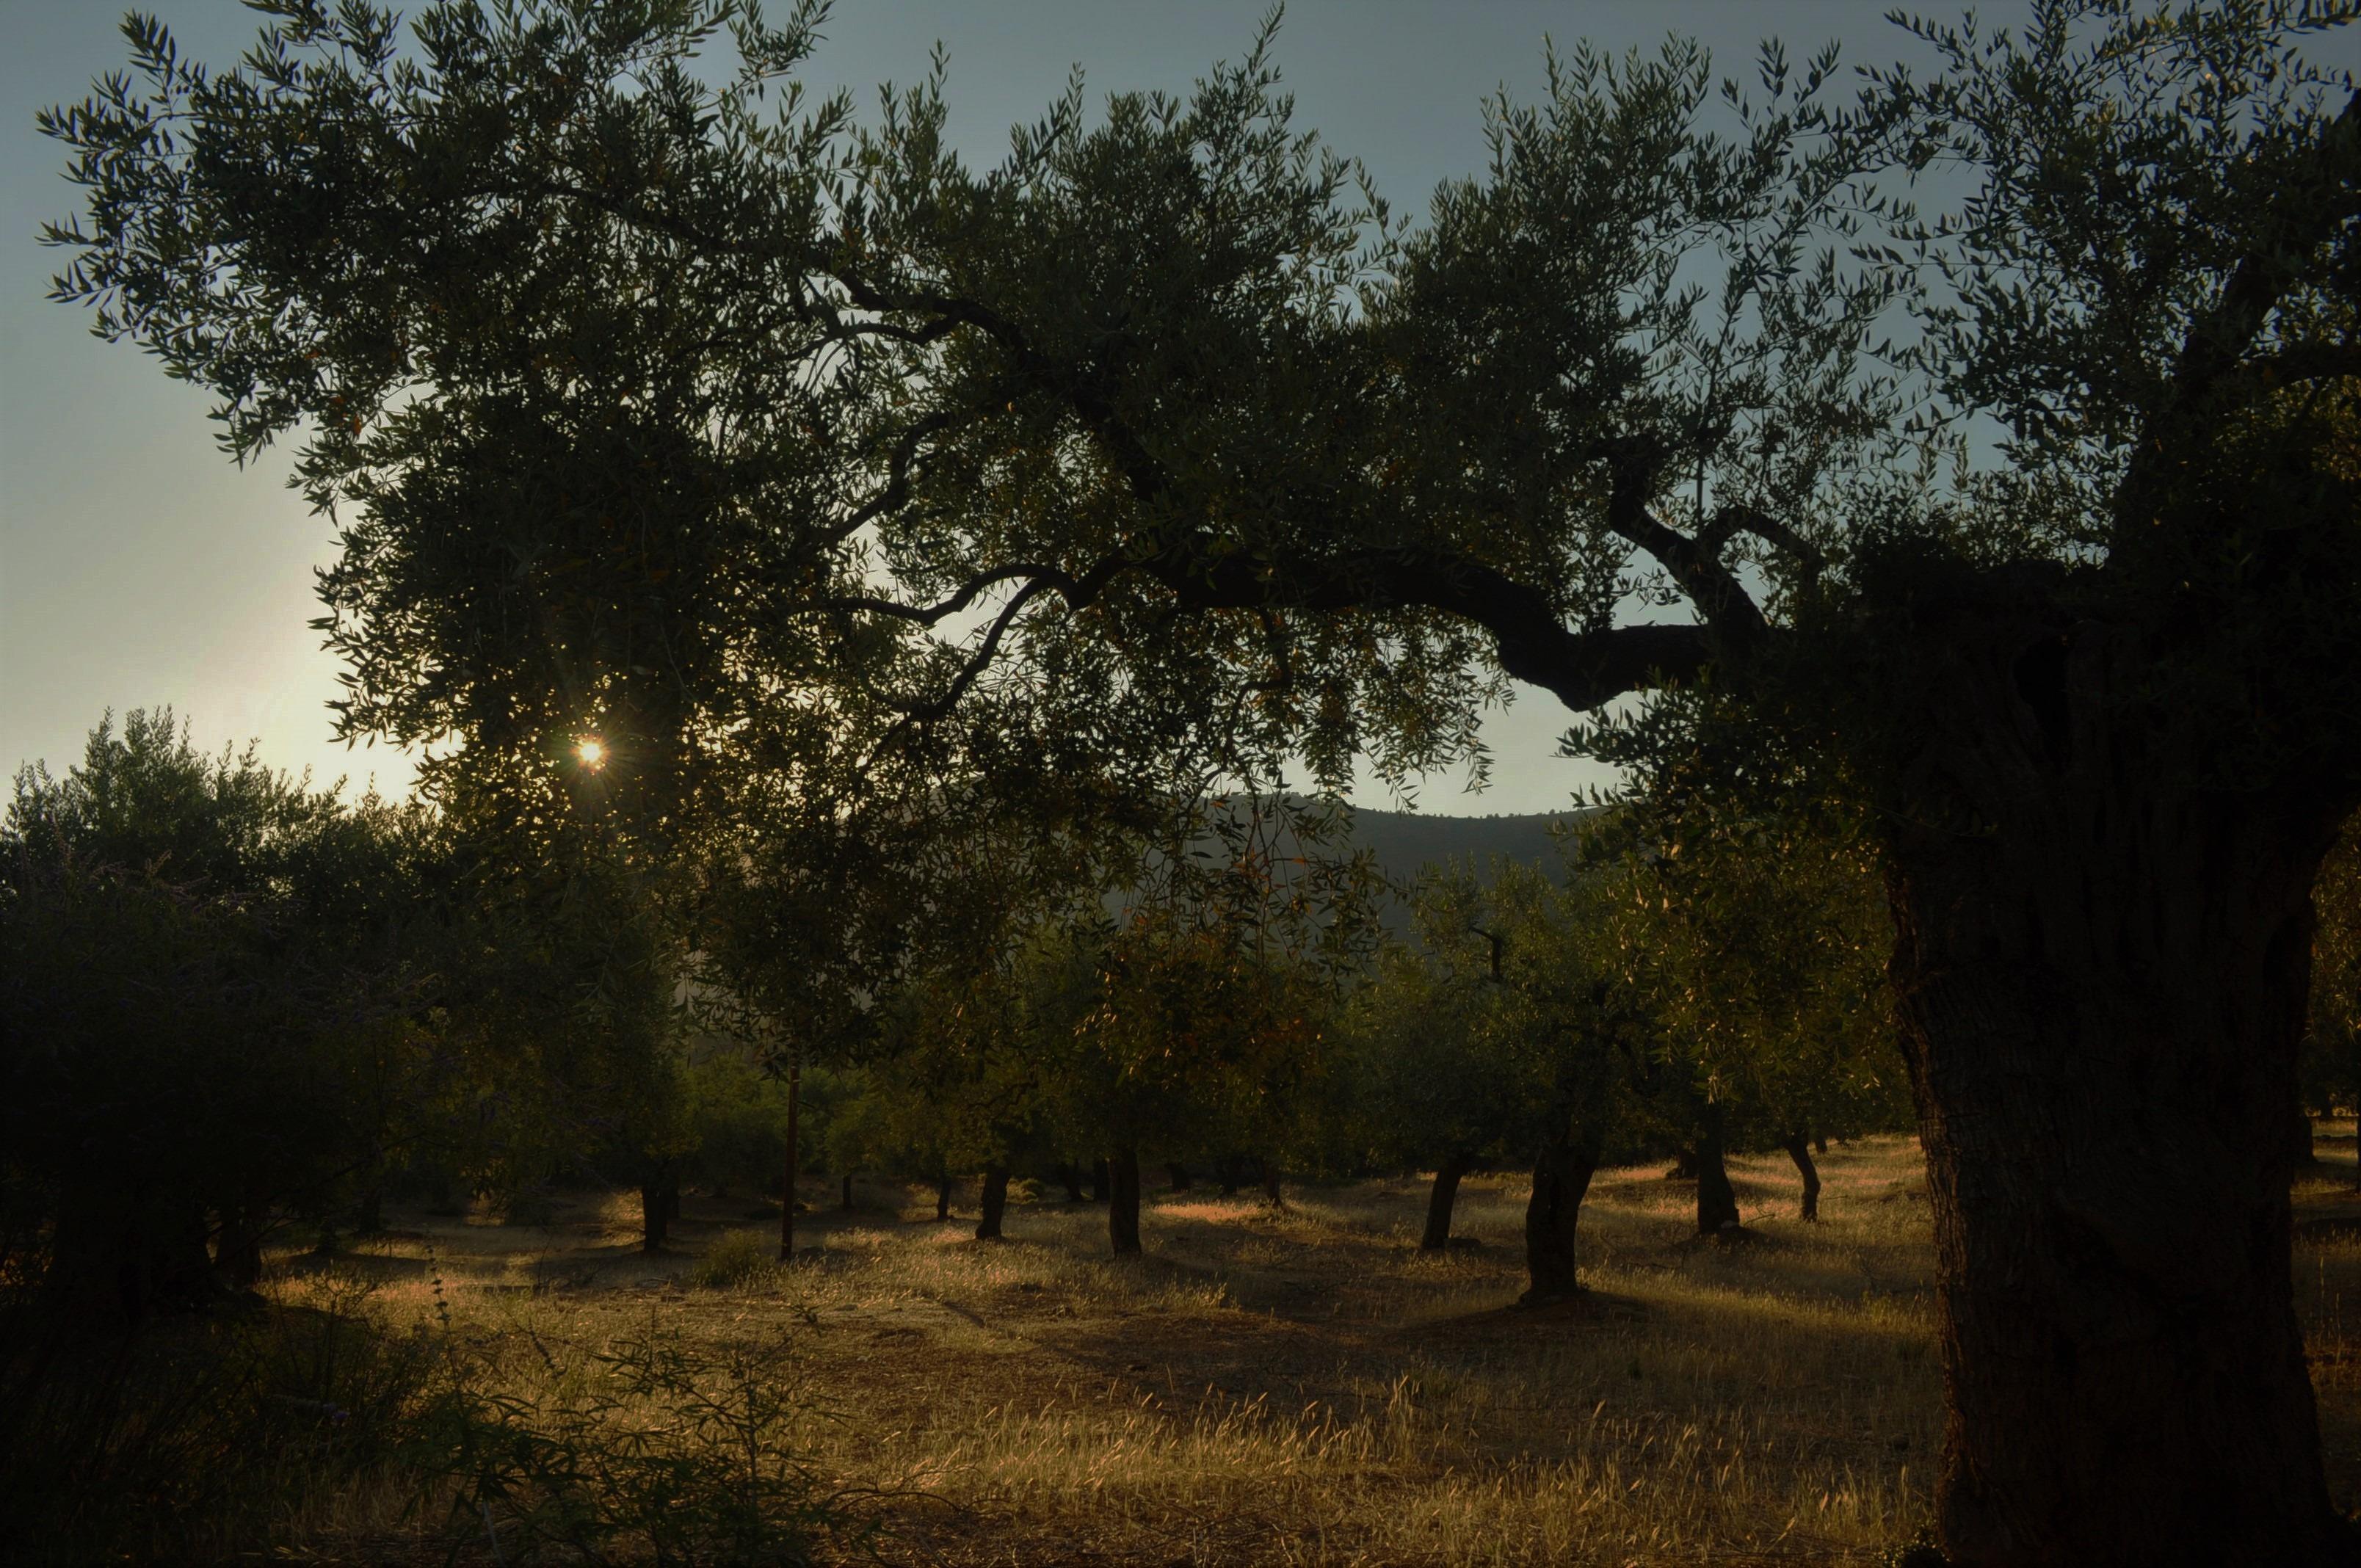 Тук теренът не е толкова стръмен, но пък е предимно каменист и сух. Макар, че срещаме навсякъде вековни маслинени горички и иглолистни дръвчета, осигуряващи живителна сянка в кошмарните летни горещини. Край с. Мариес